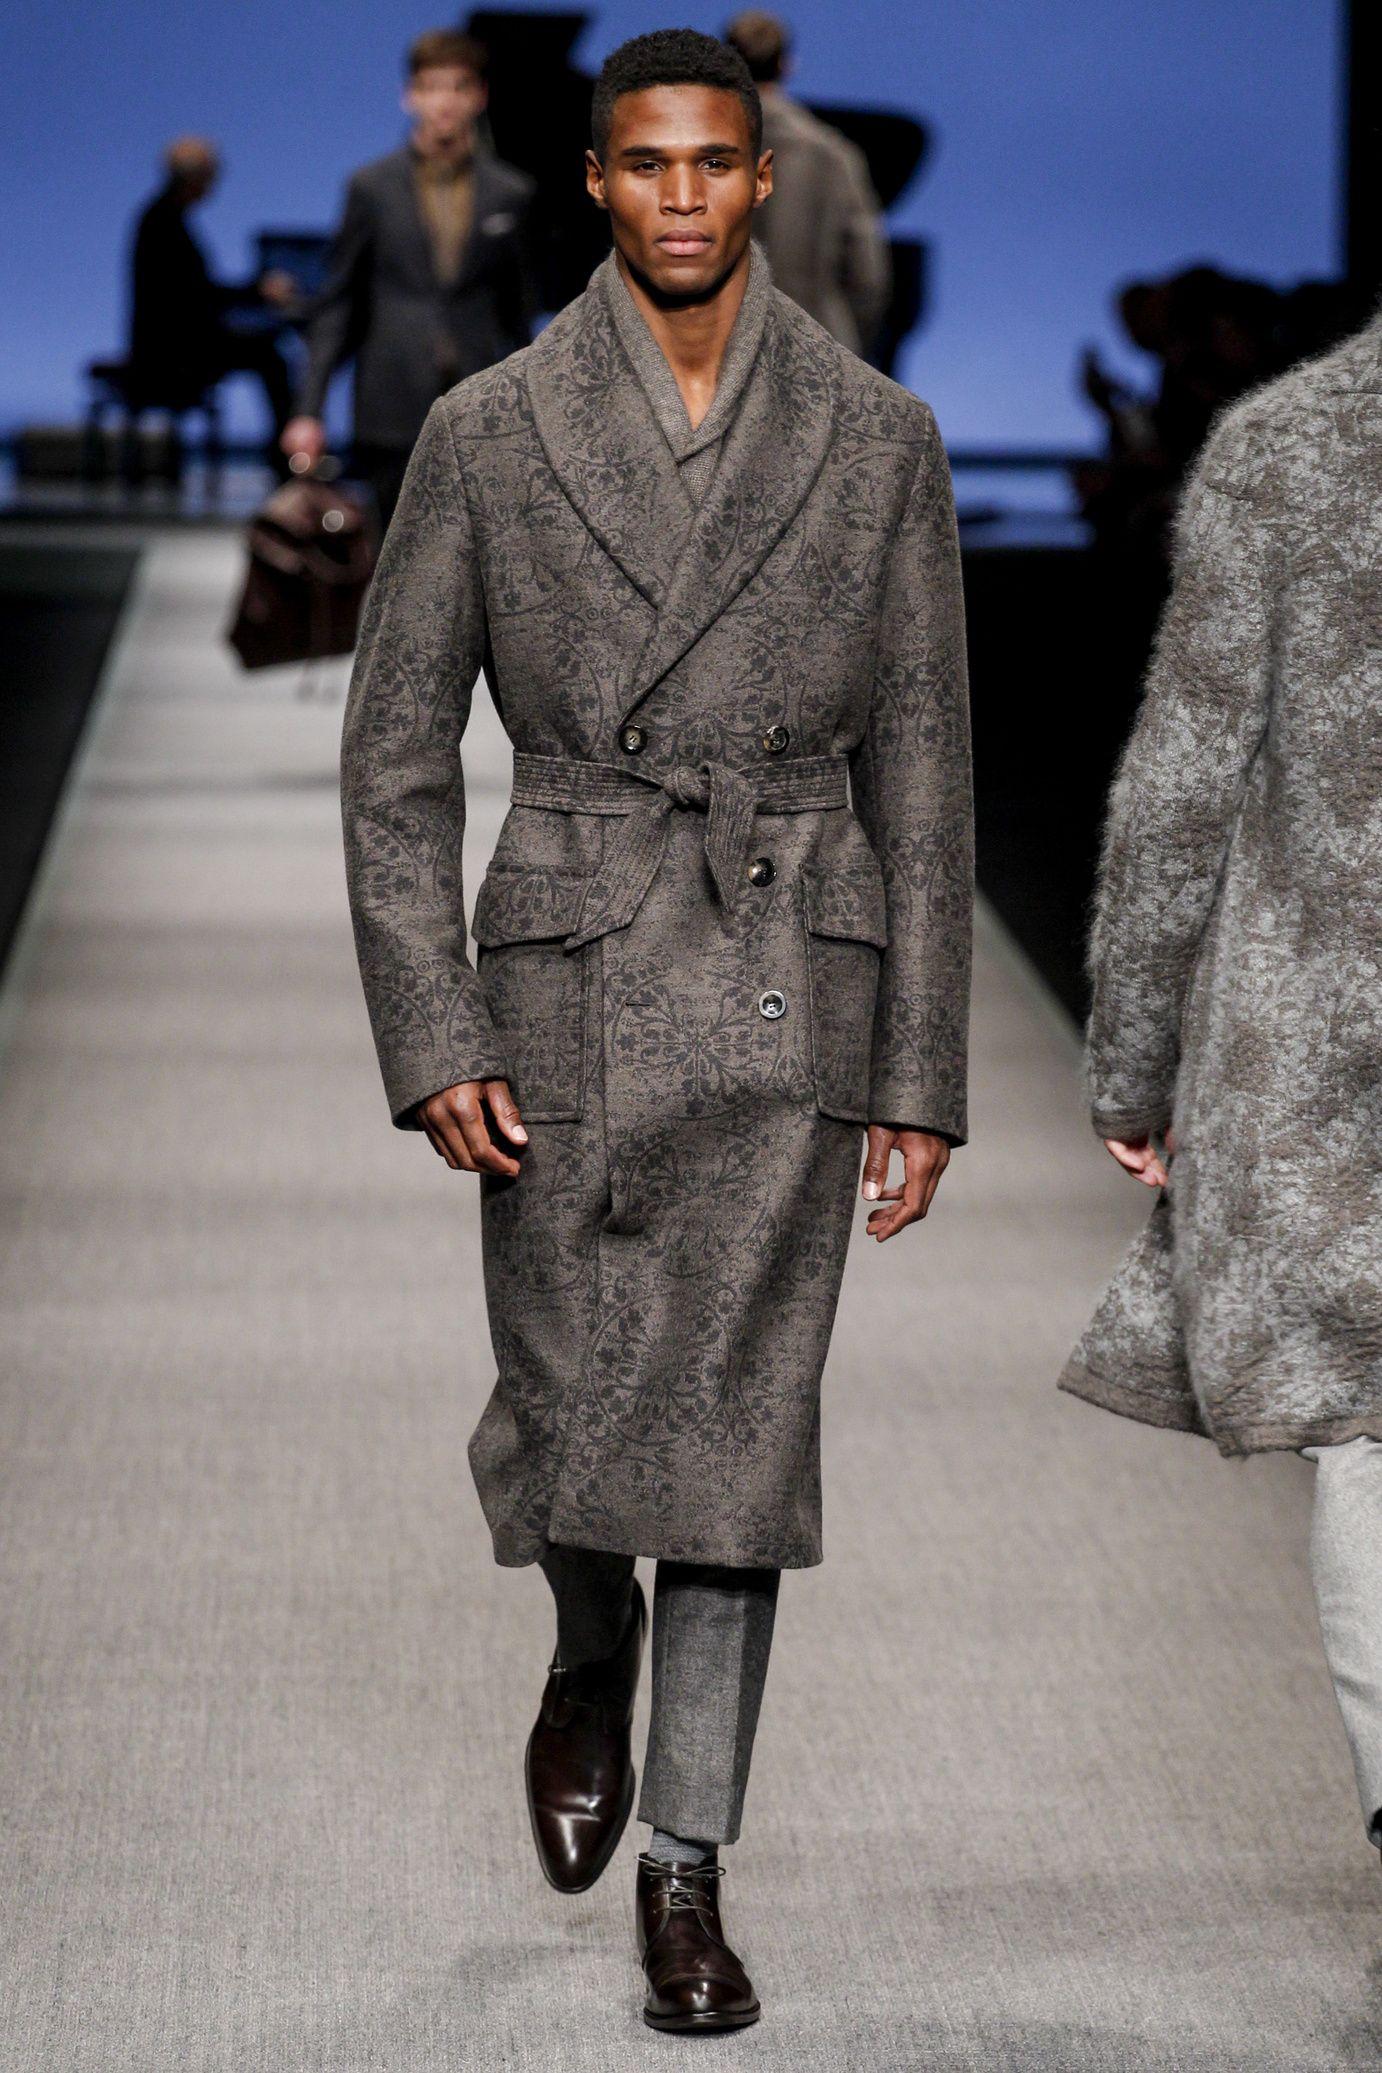 Autunno Inverno 2014. Stile Uomo. Canali  menswear fall winter 2014-2015  Settimana Della Moda Di Milano 03b6d2d8f02